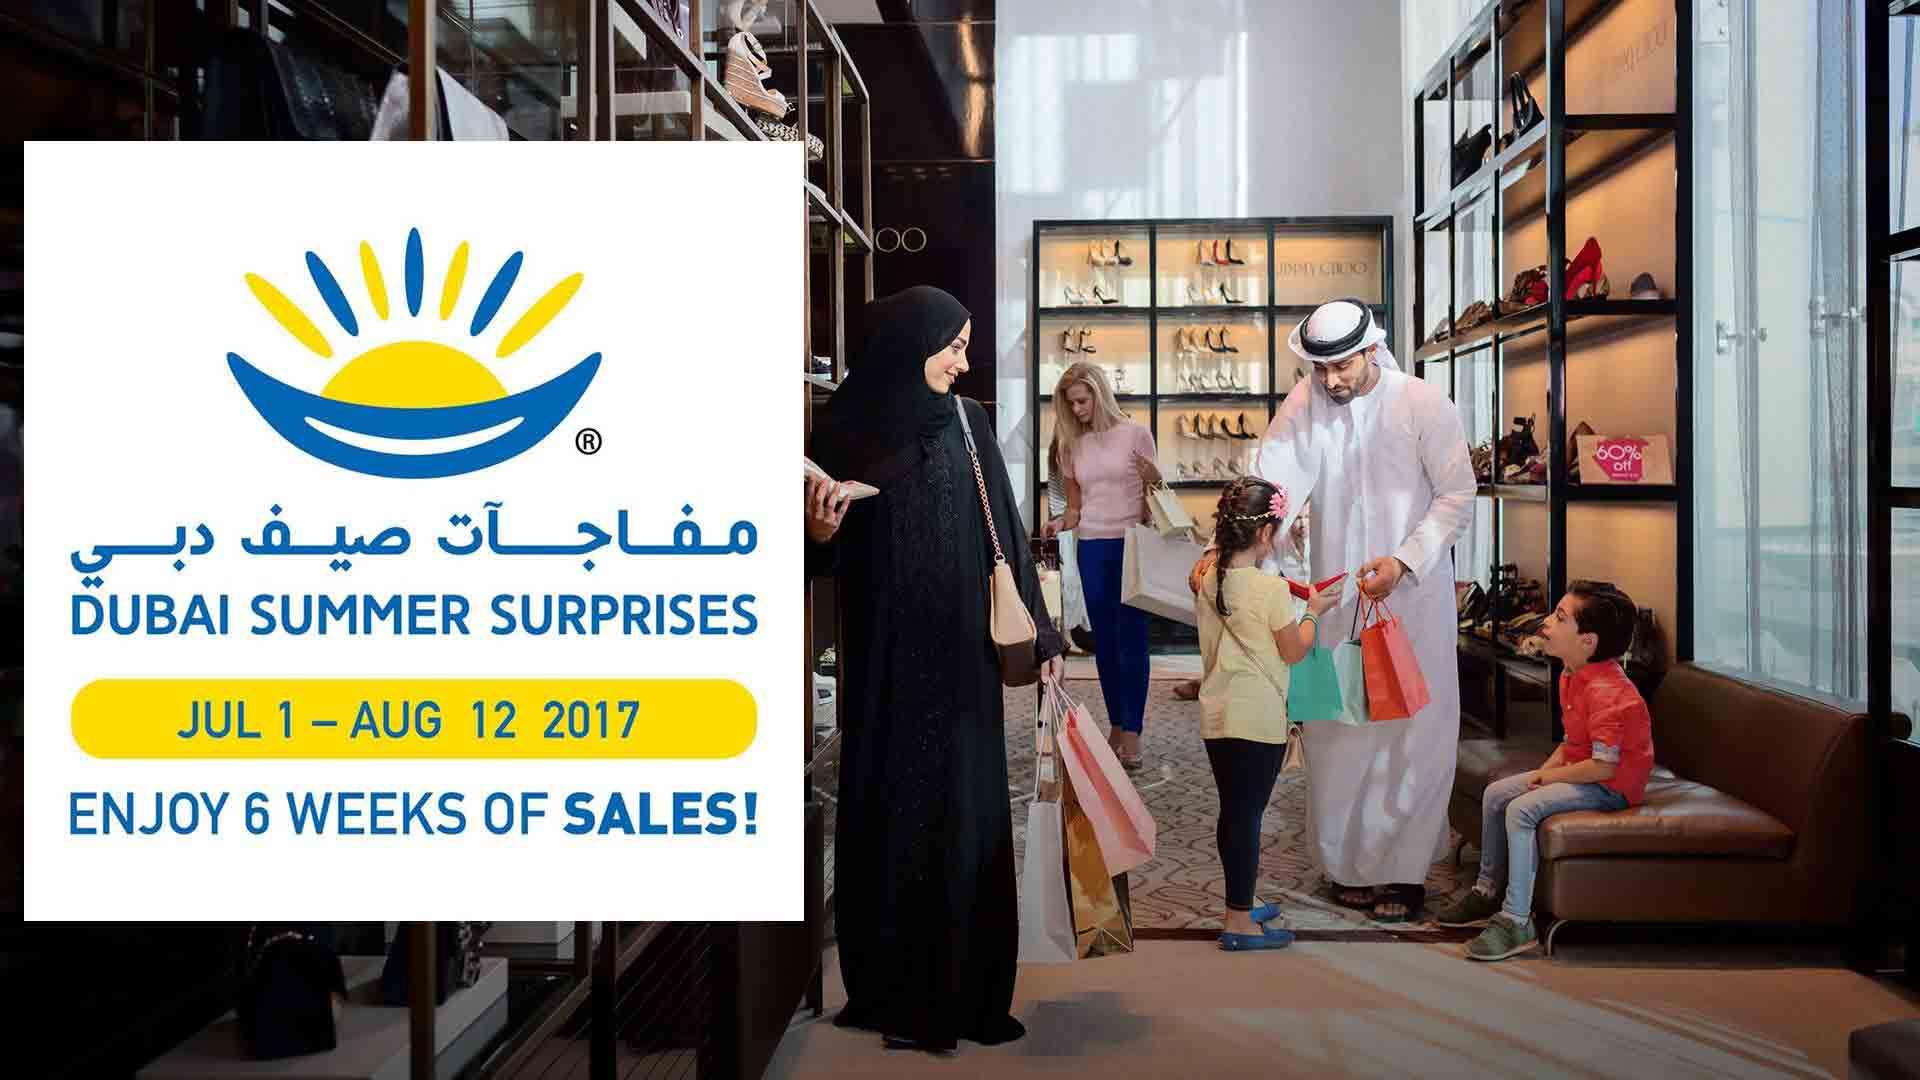 Dubai Summer Surprises 2017